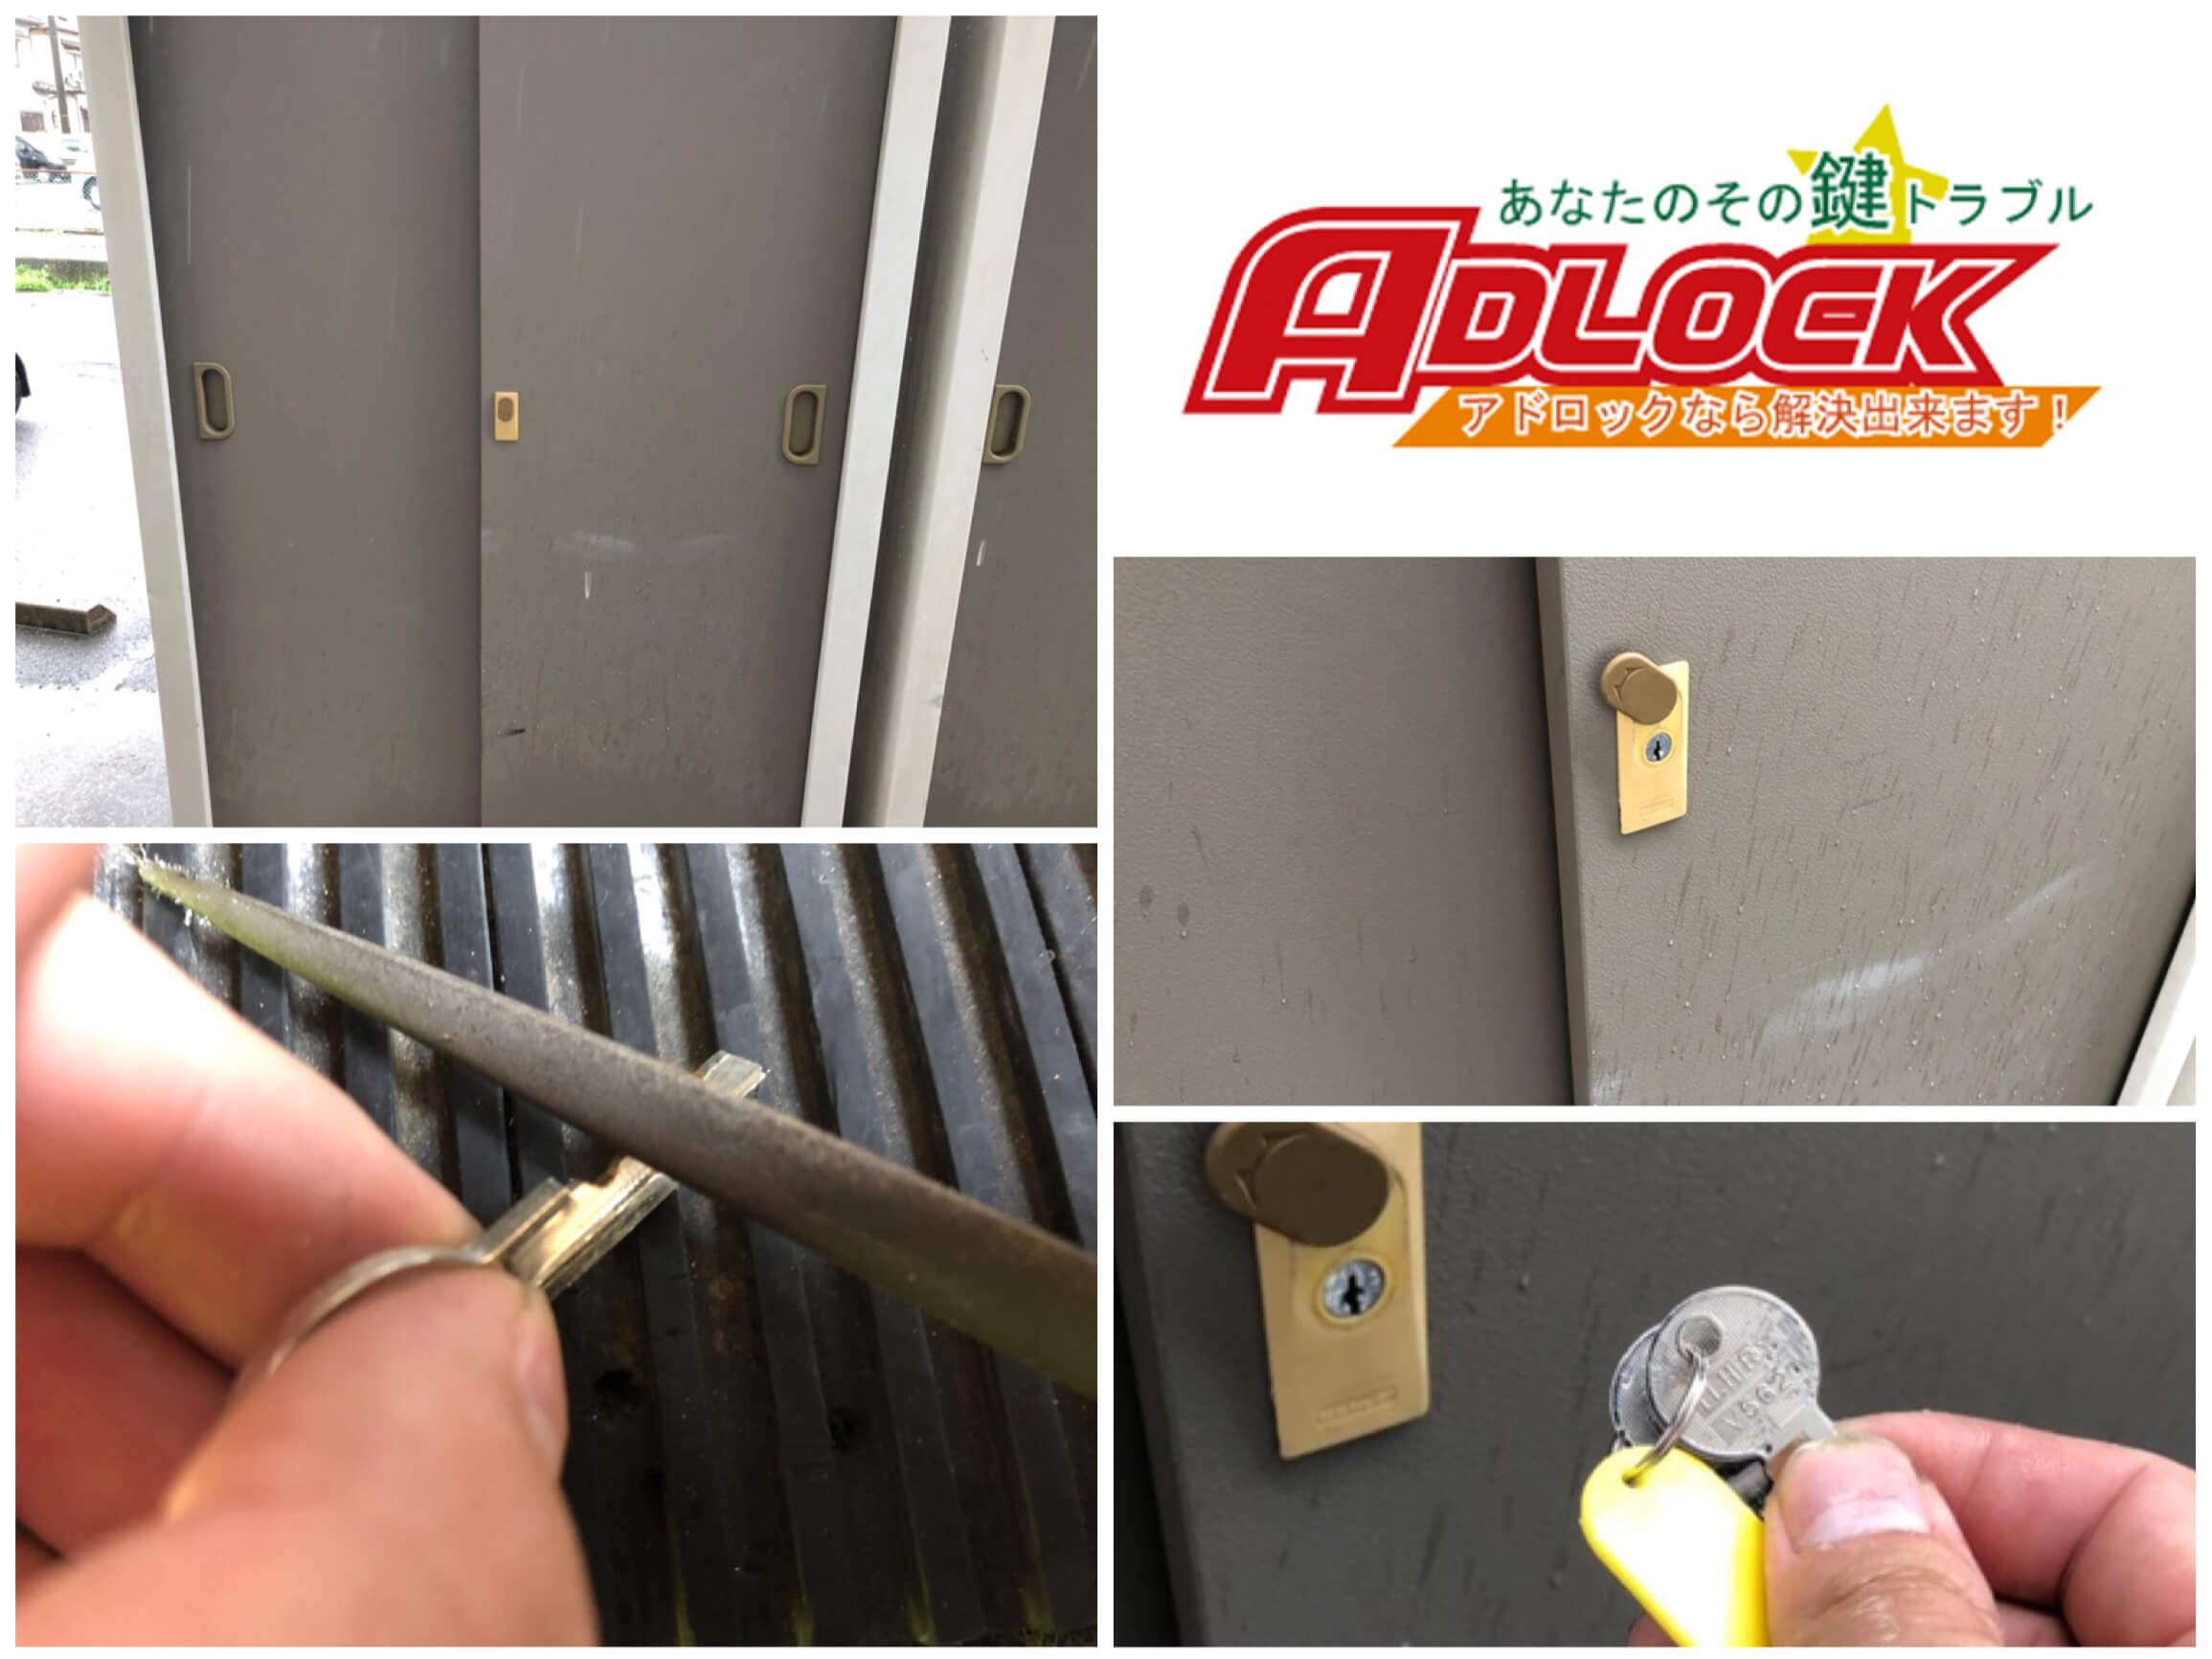 広島鍵屋アドロック 物置の鍵開け・鍵作成